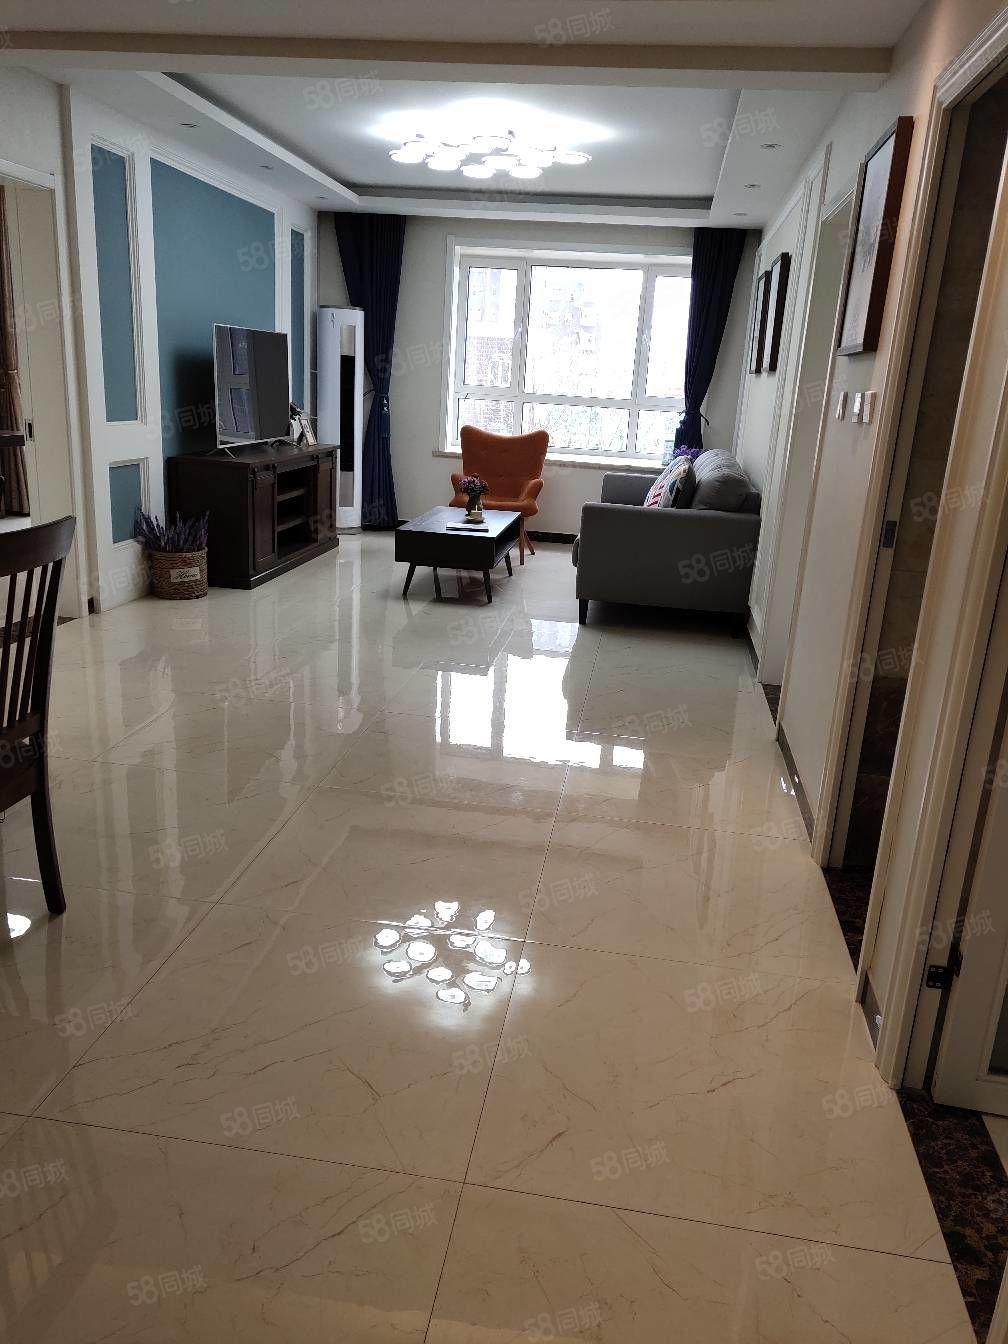 出售诺林湾南北通透三室首付15万好好户型好楼层楼王位置采光好